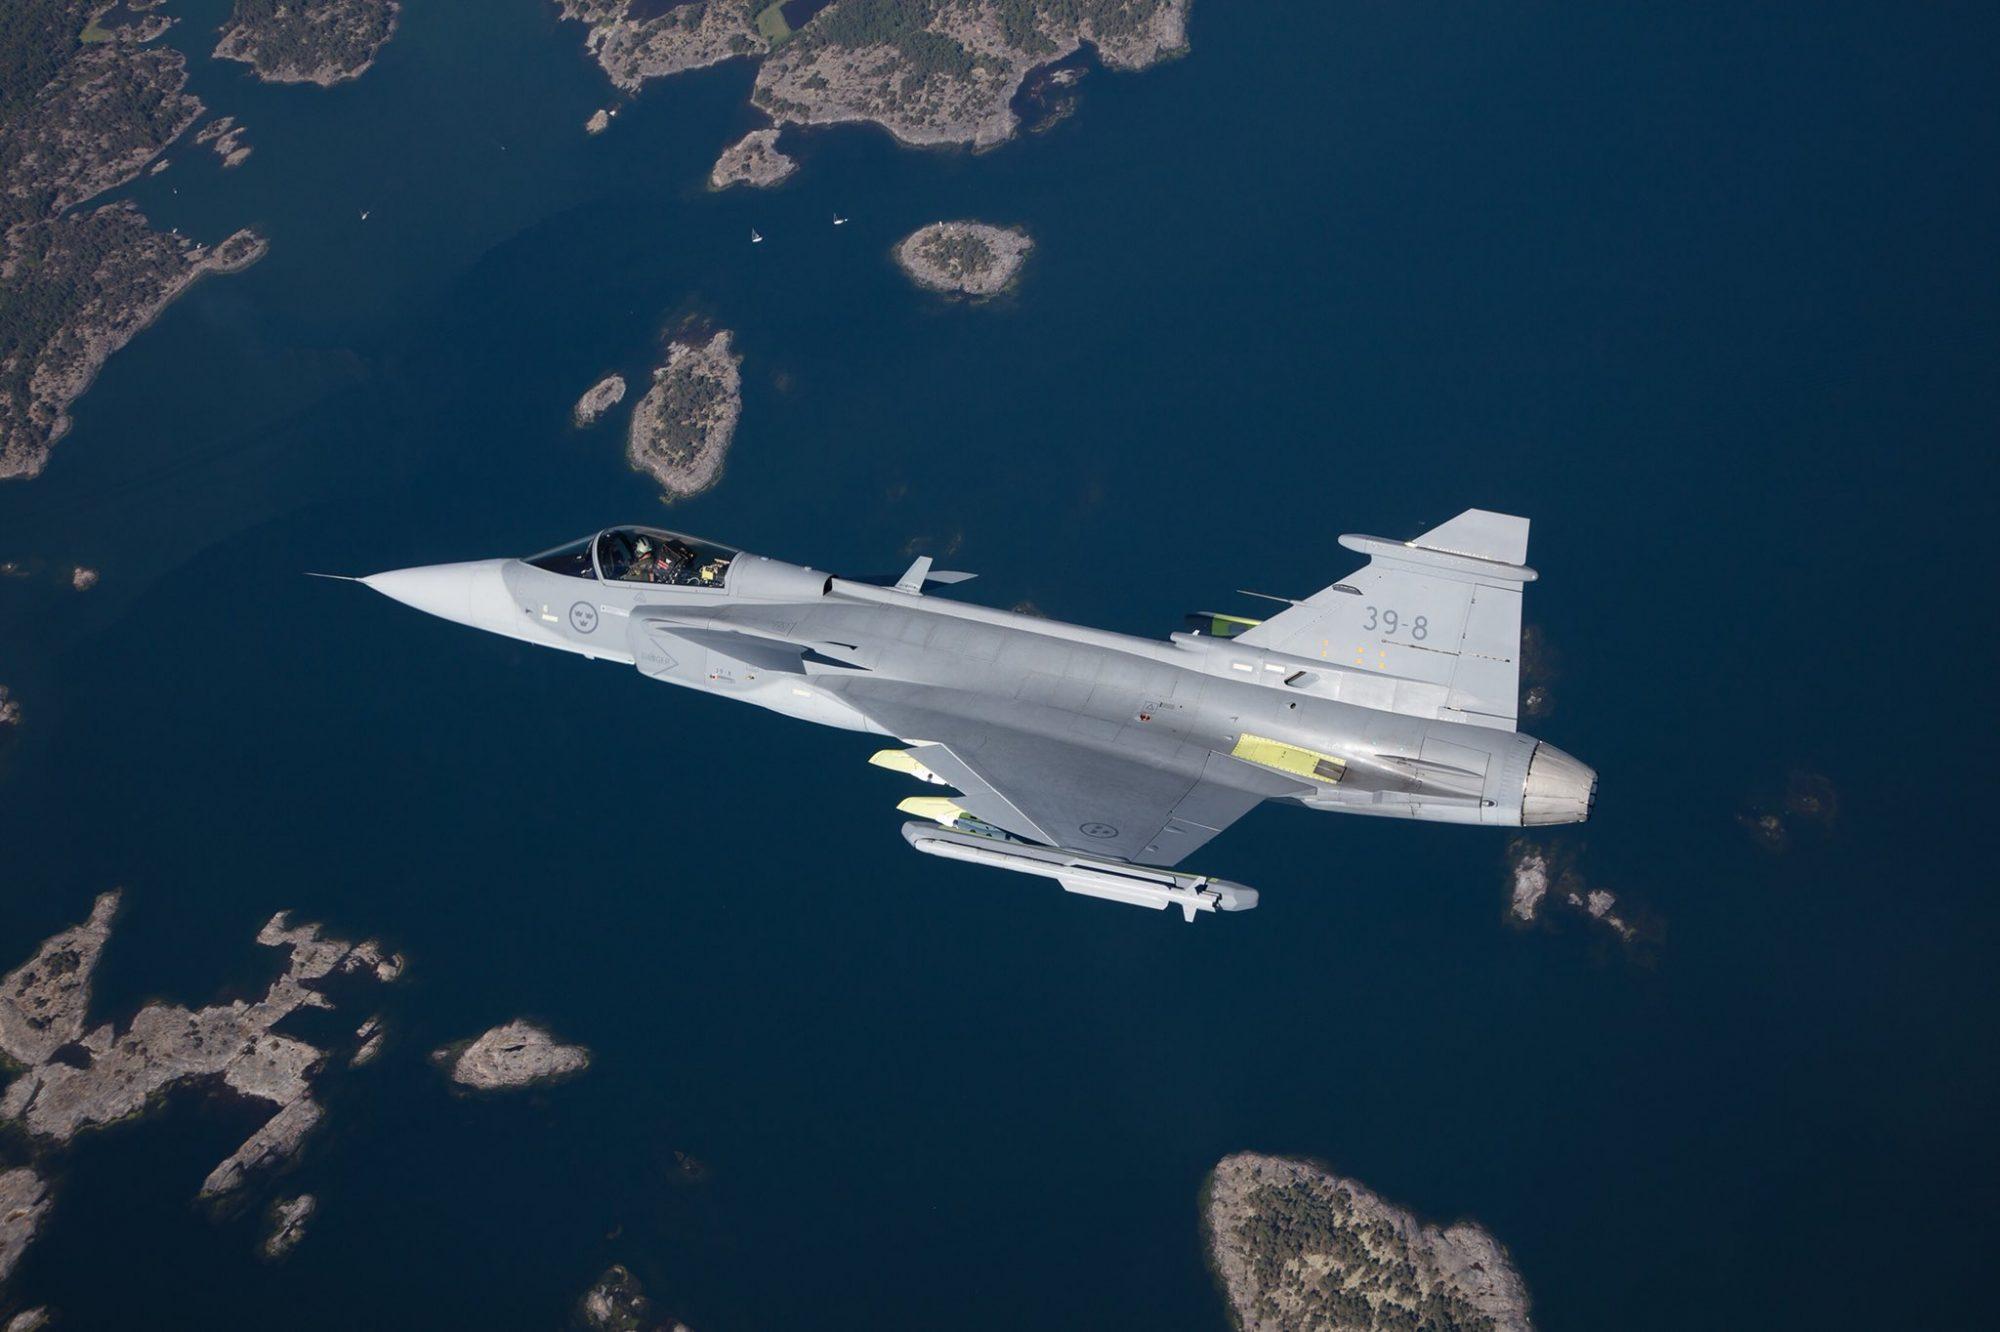 Gripen E voando com mísseis ar-ar IRIS-T na posta das asas